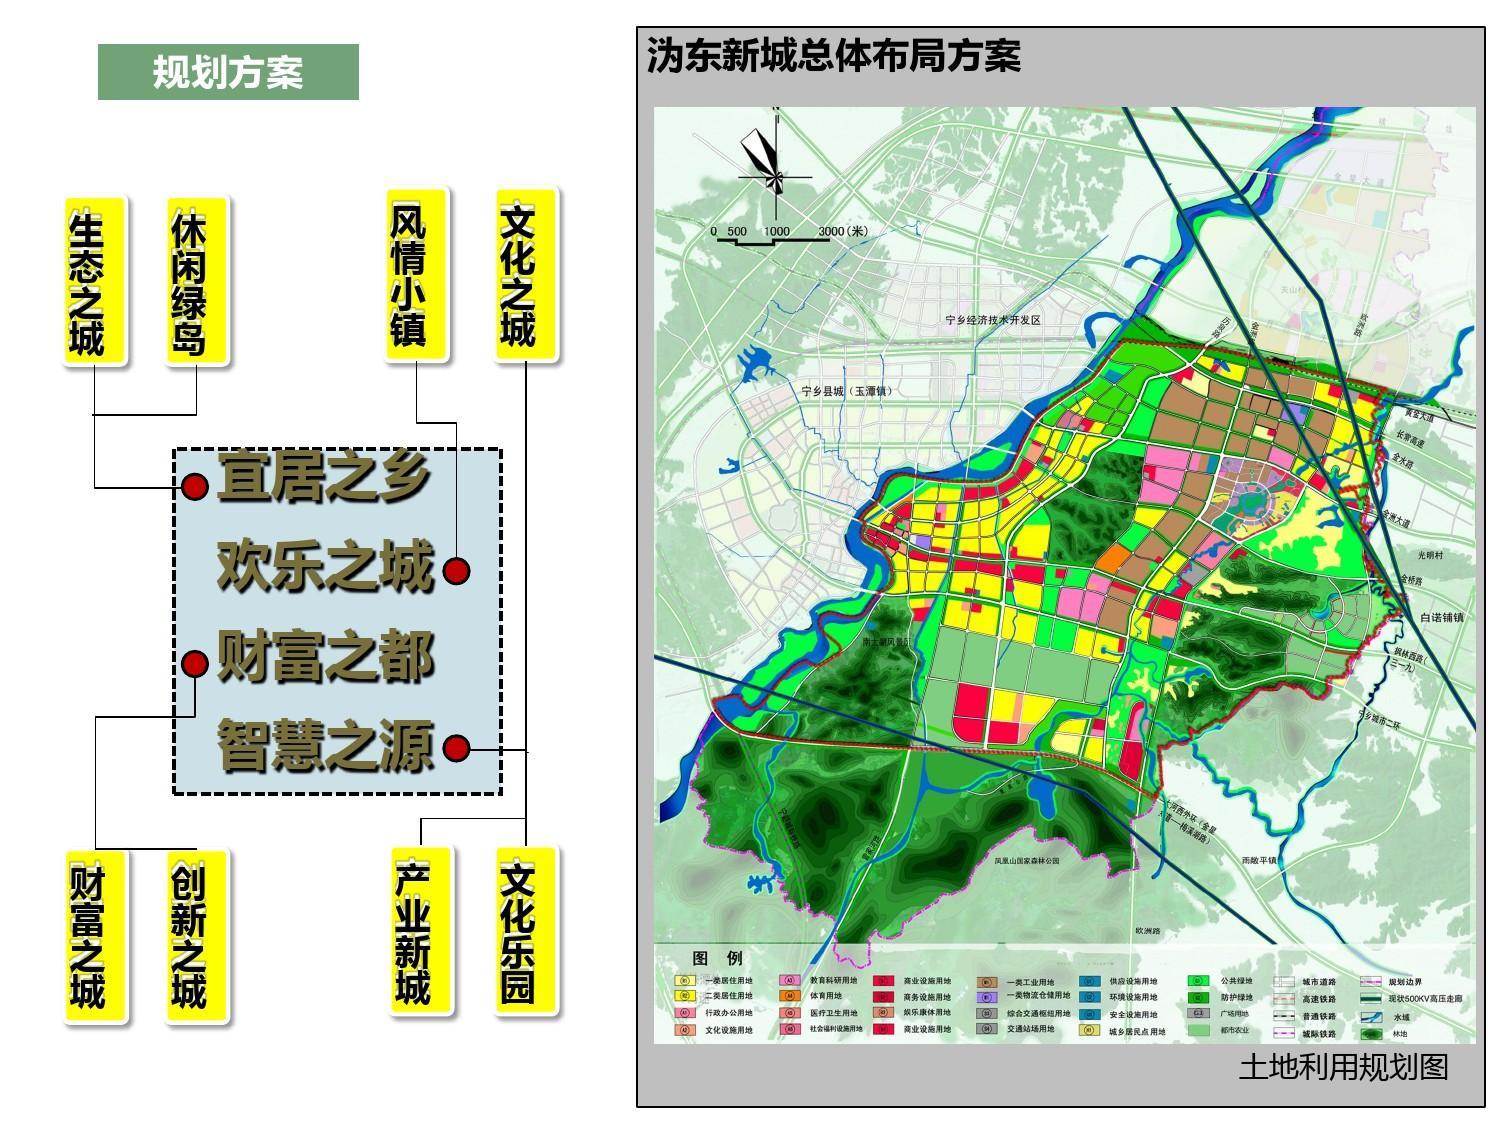 石家庄特色小镇图片_特色小镇规划设计机构_天津市特色小镇建设下一步工作台